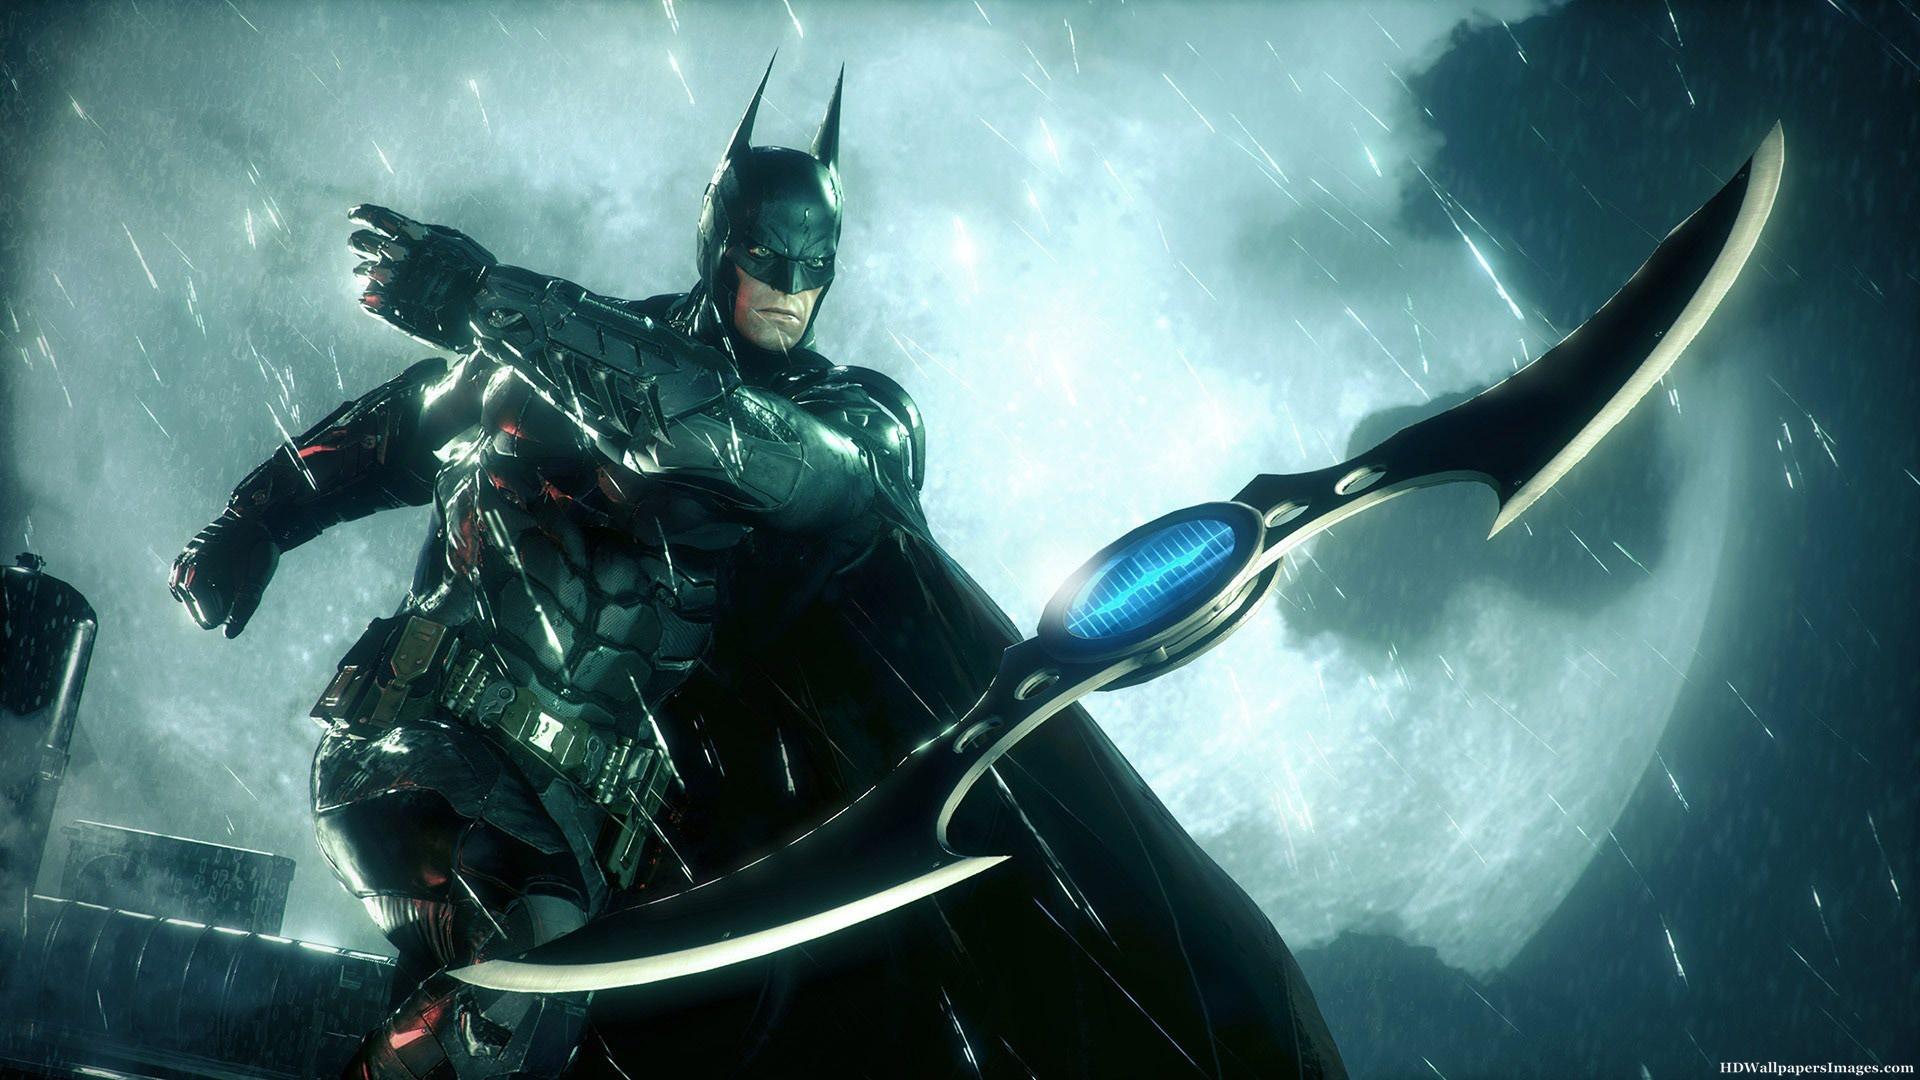 Batman Arkham Knight 2015 HD Wallpapers   HD Wallpaper 1920x1080